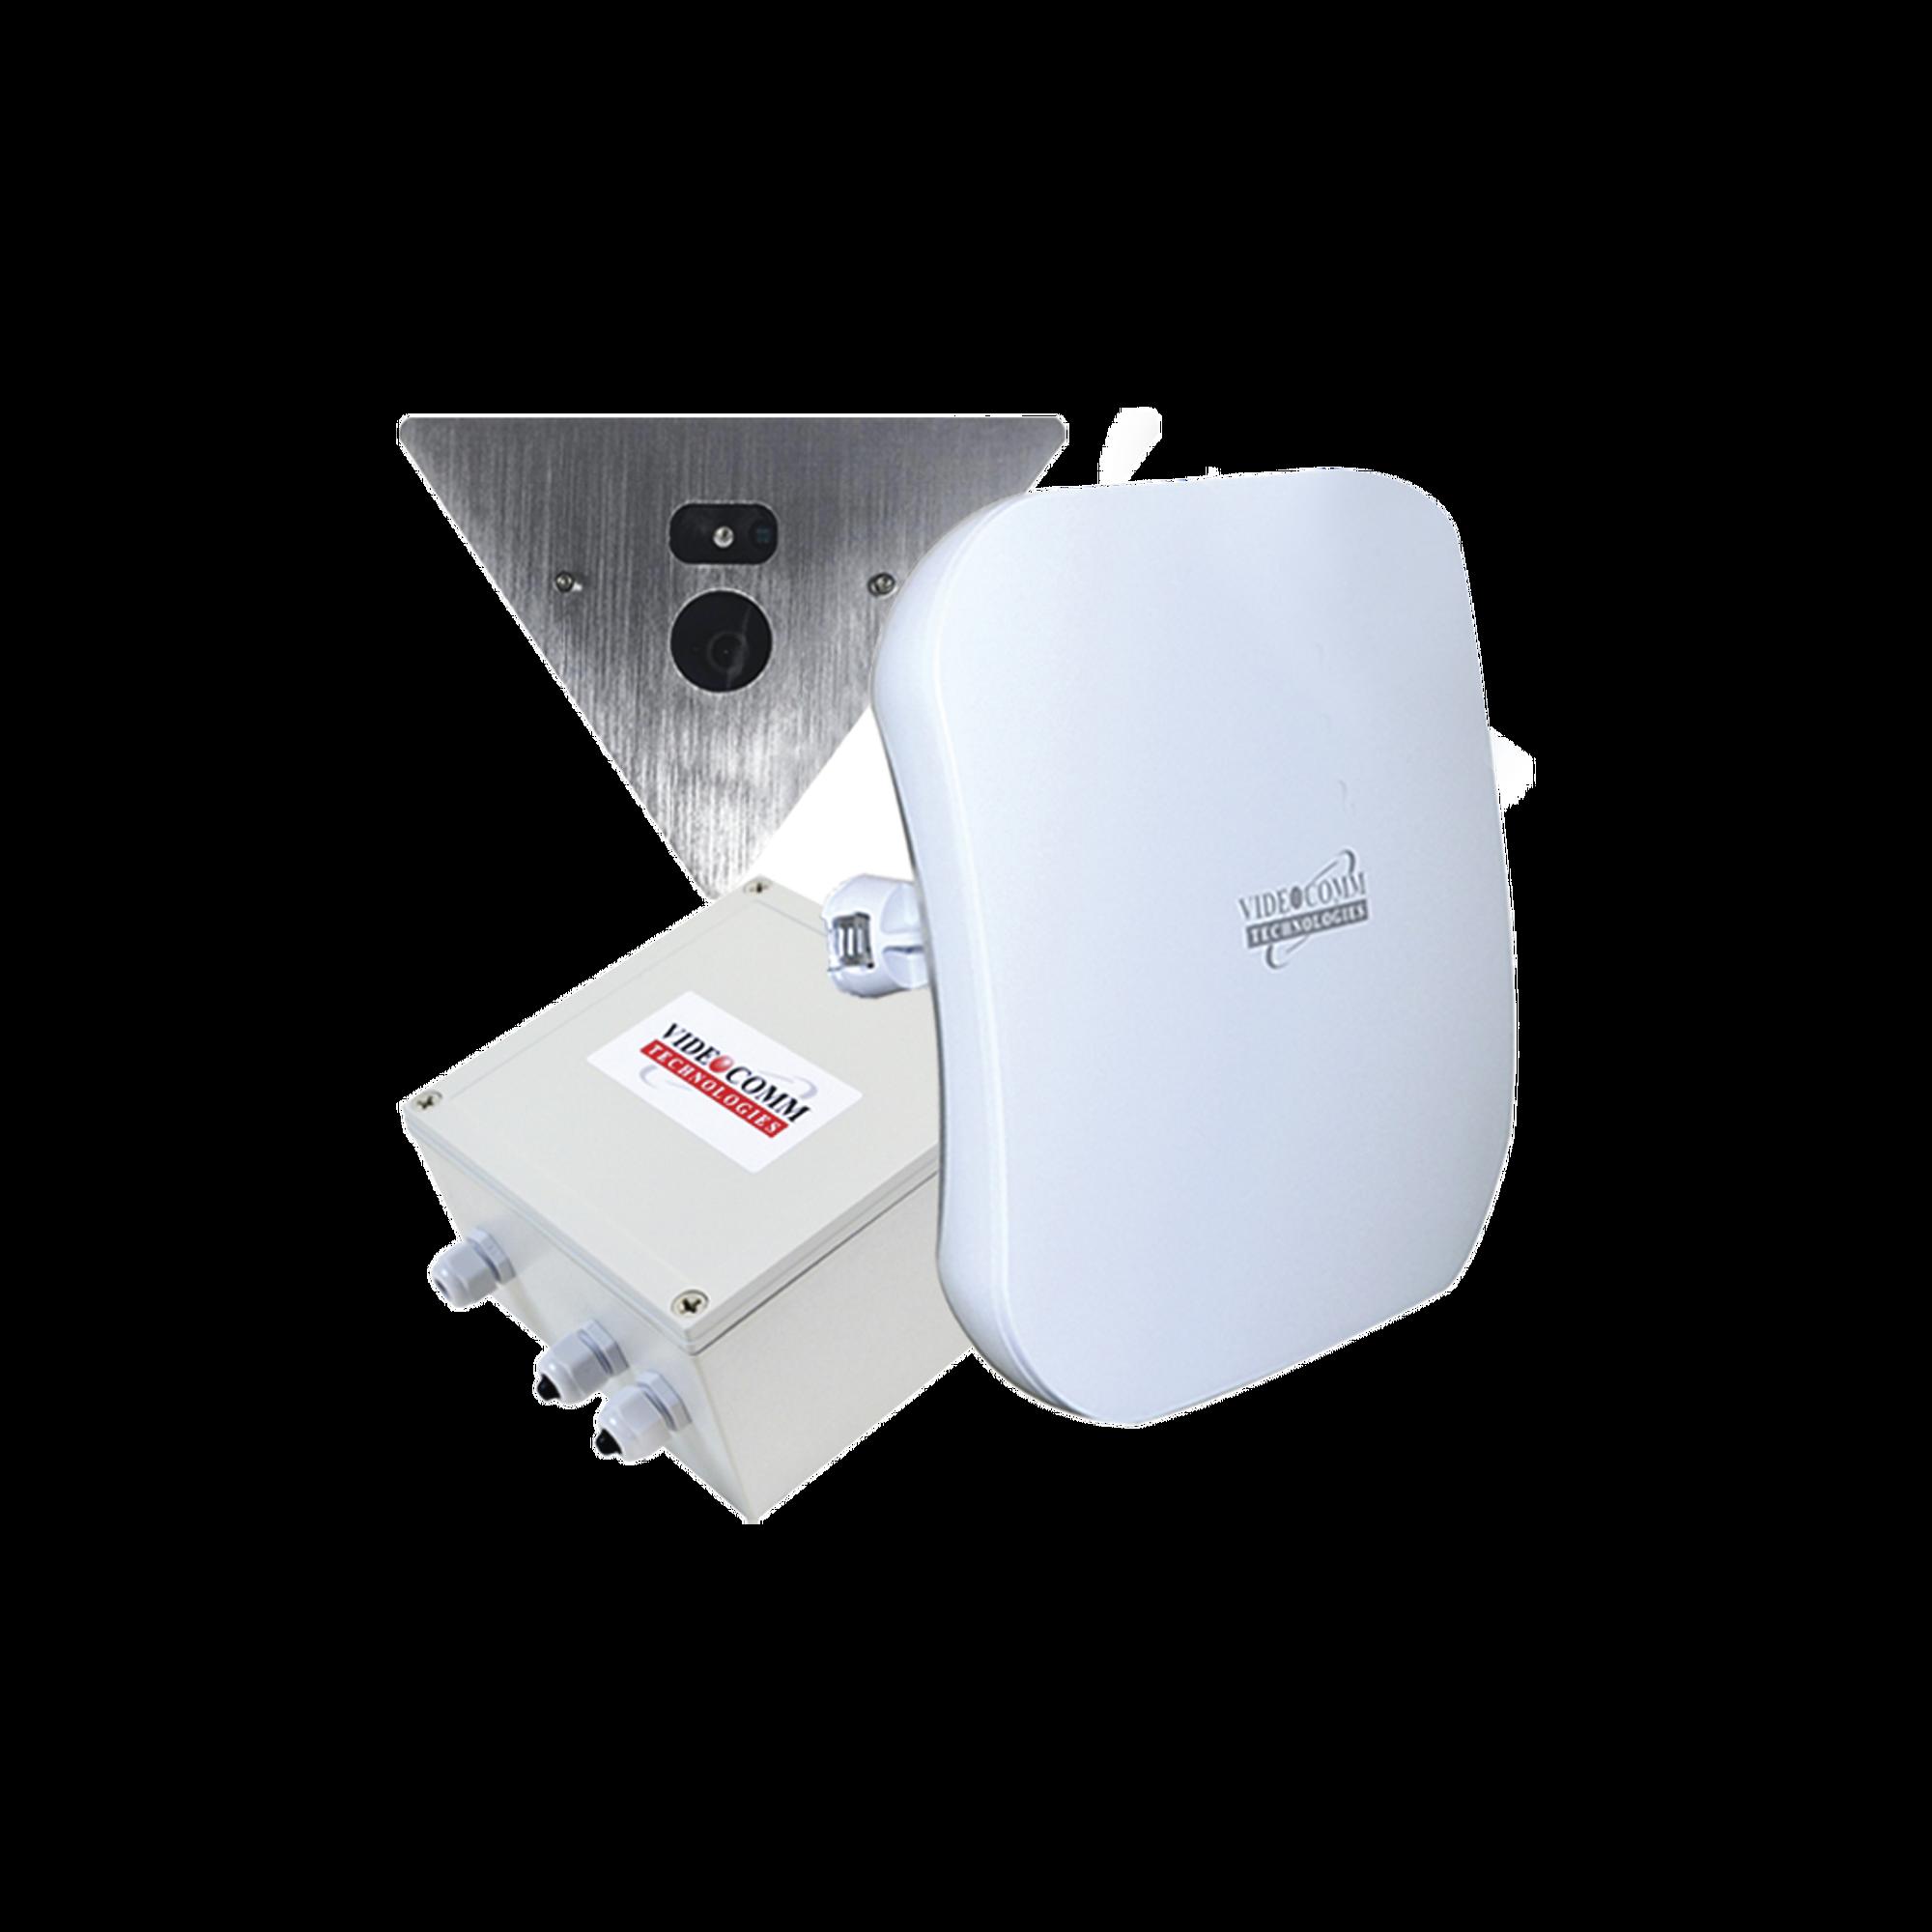 Kit inálambrico en 5.8 Ghz , para elevadores HD-TVI 1080 p @ 30 fps, incluye cámara